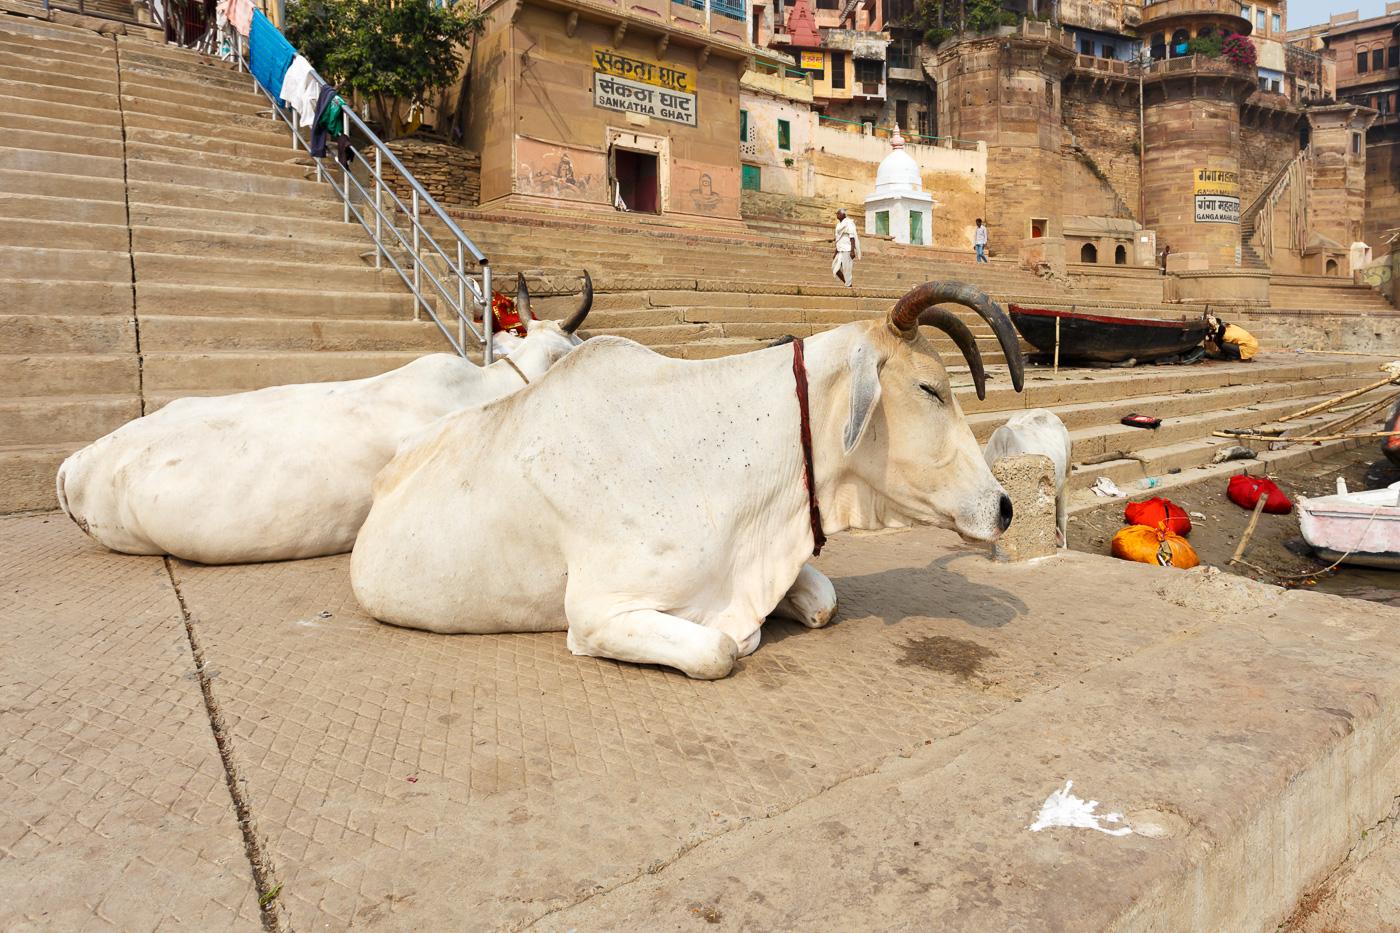 Фото 19. Корова и мусорные мешки. Про антисанитарию в Индии или про ее отсутствие (1/400; 0; 8; 100; 17).